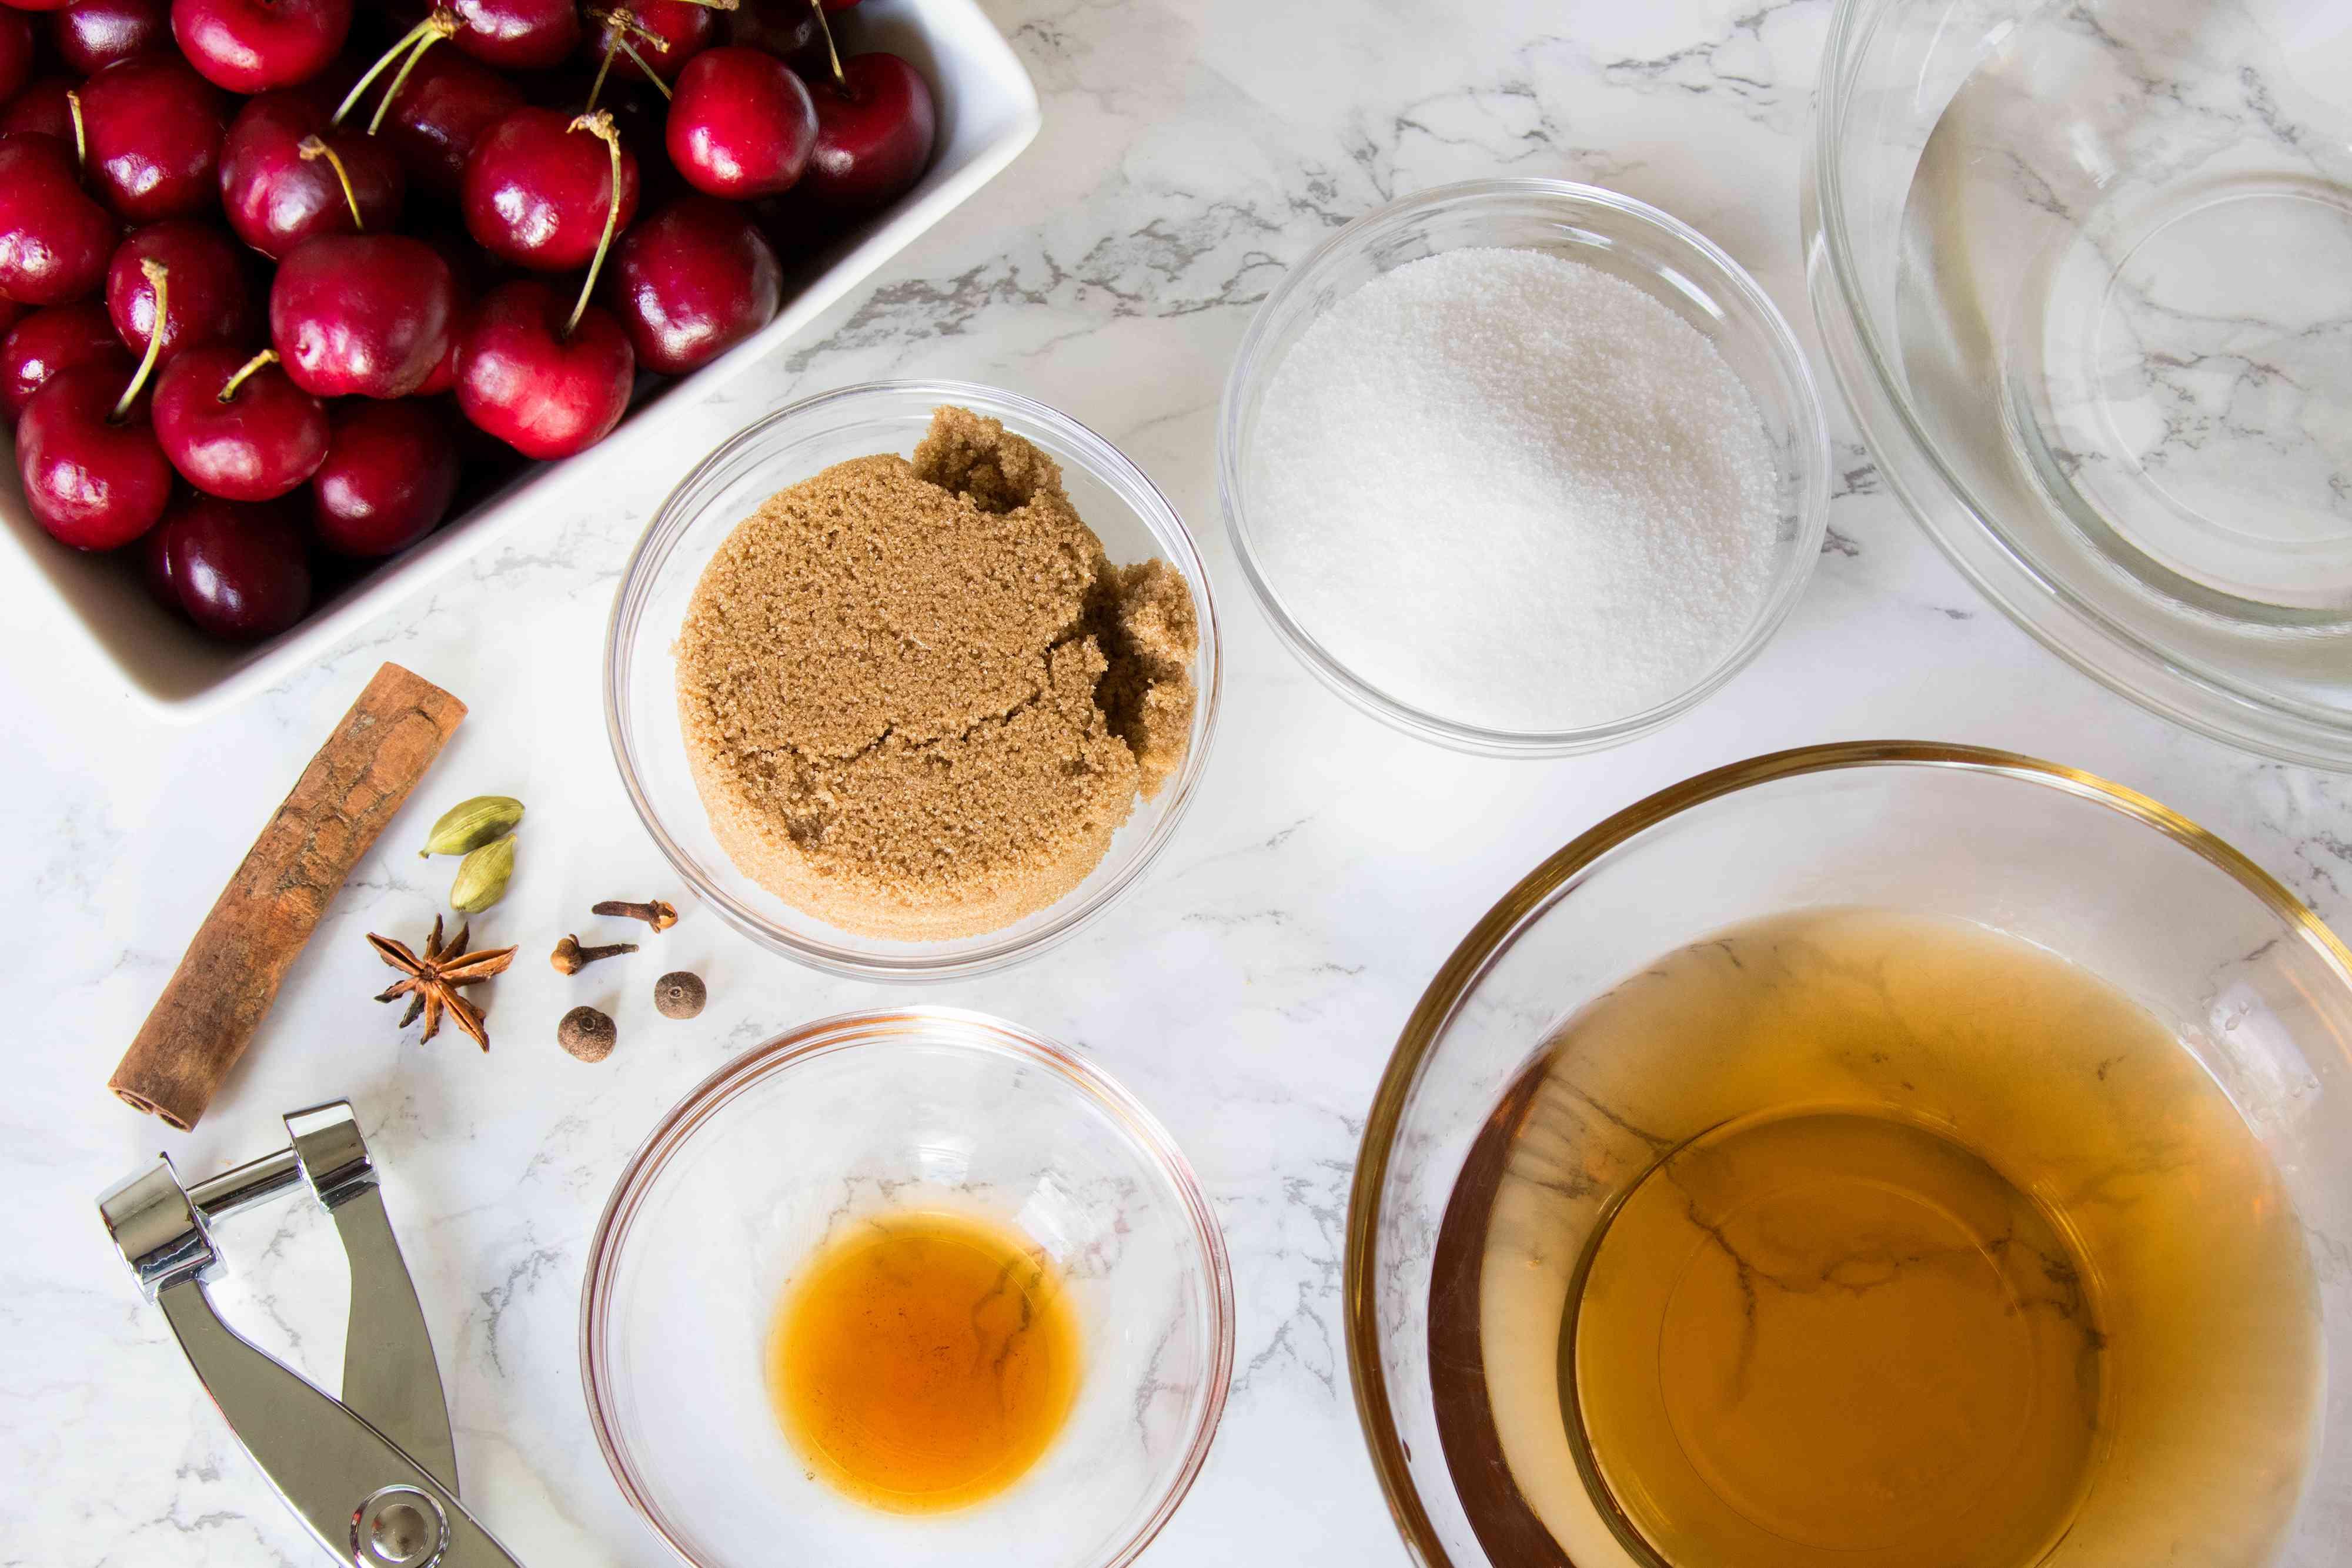 Ingredients for Brandied Cherries